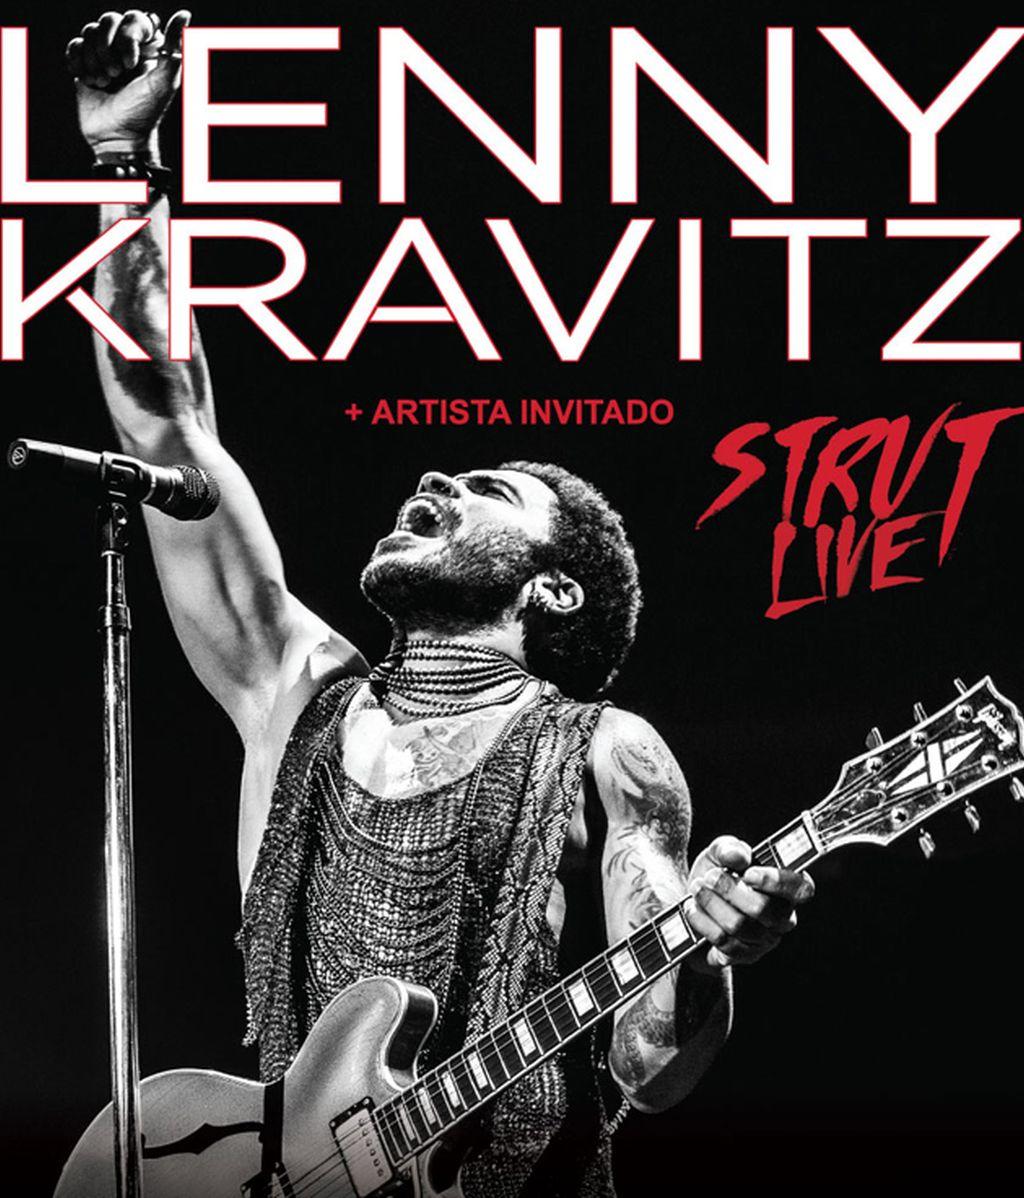 Hazte con tus entradas para Lenny Kravitz en Madrid, 20 de julio en Taquilla Mediaset.